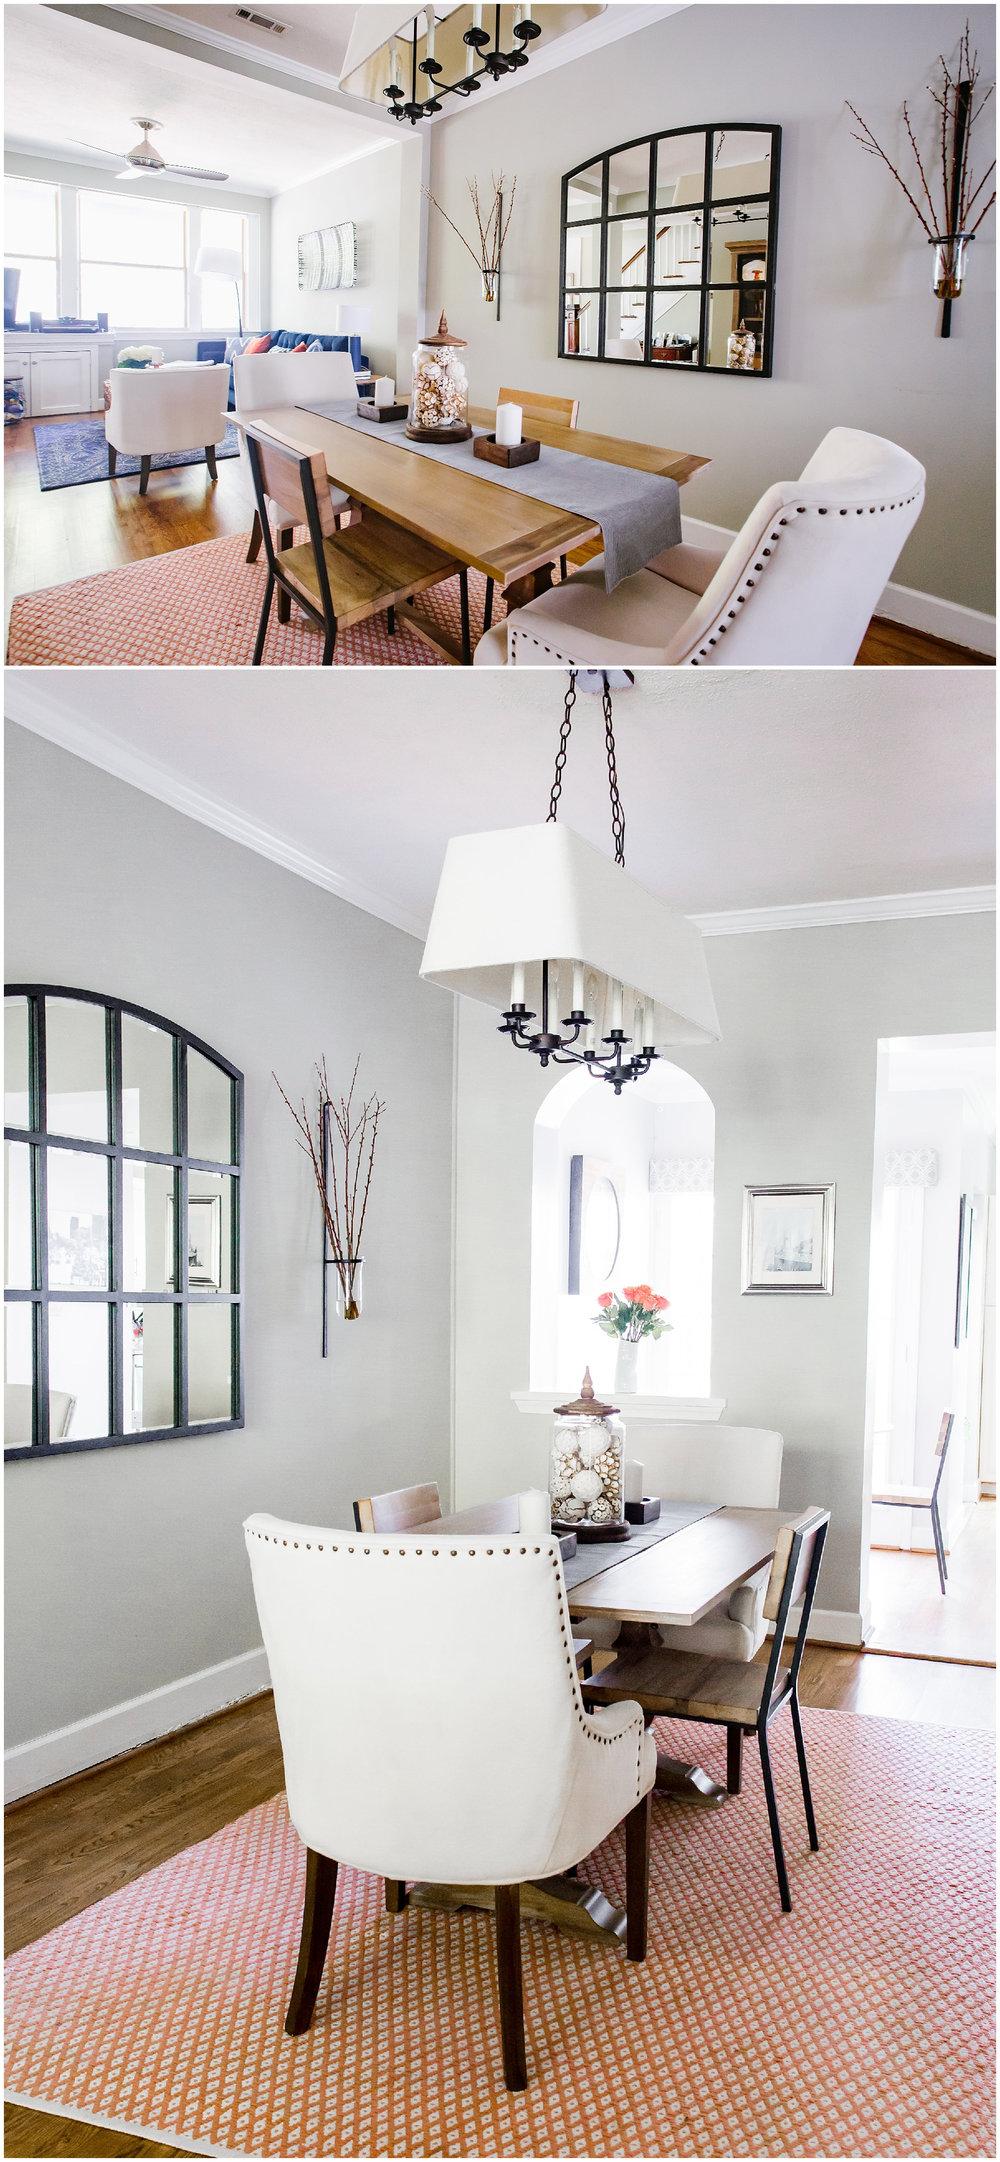 6-dining-room.jpg